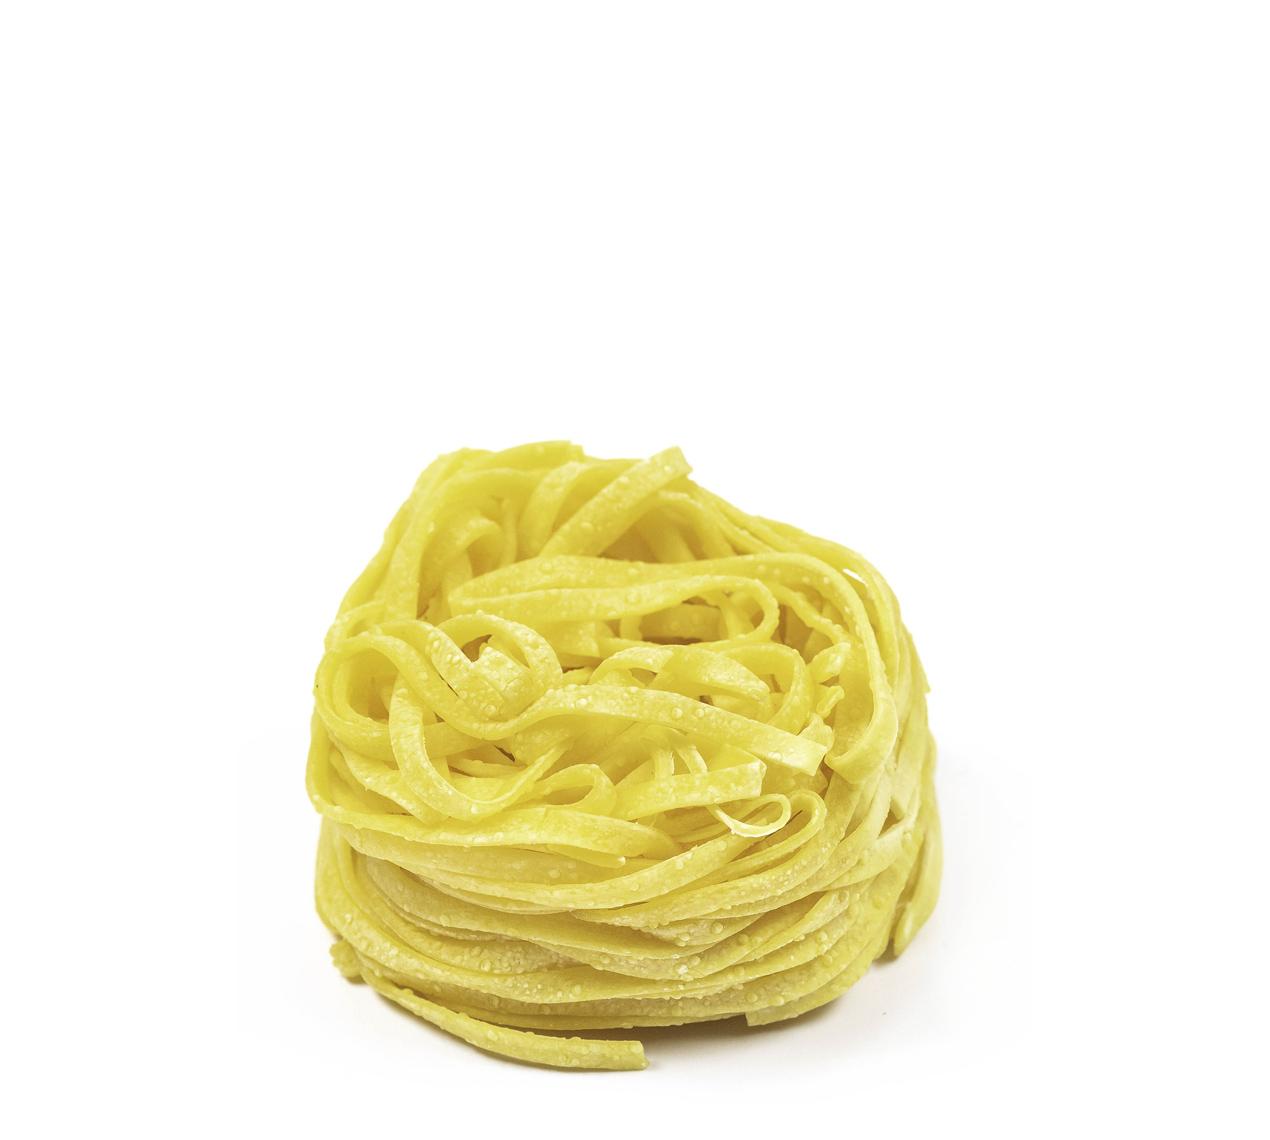 Pastificio_La_Fenice_pasta_fresca_pasta_surgelata_artigianale_tagliolini